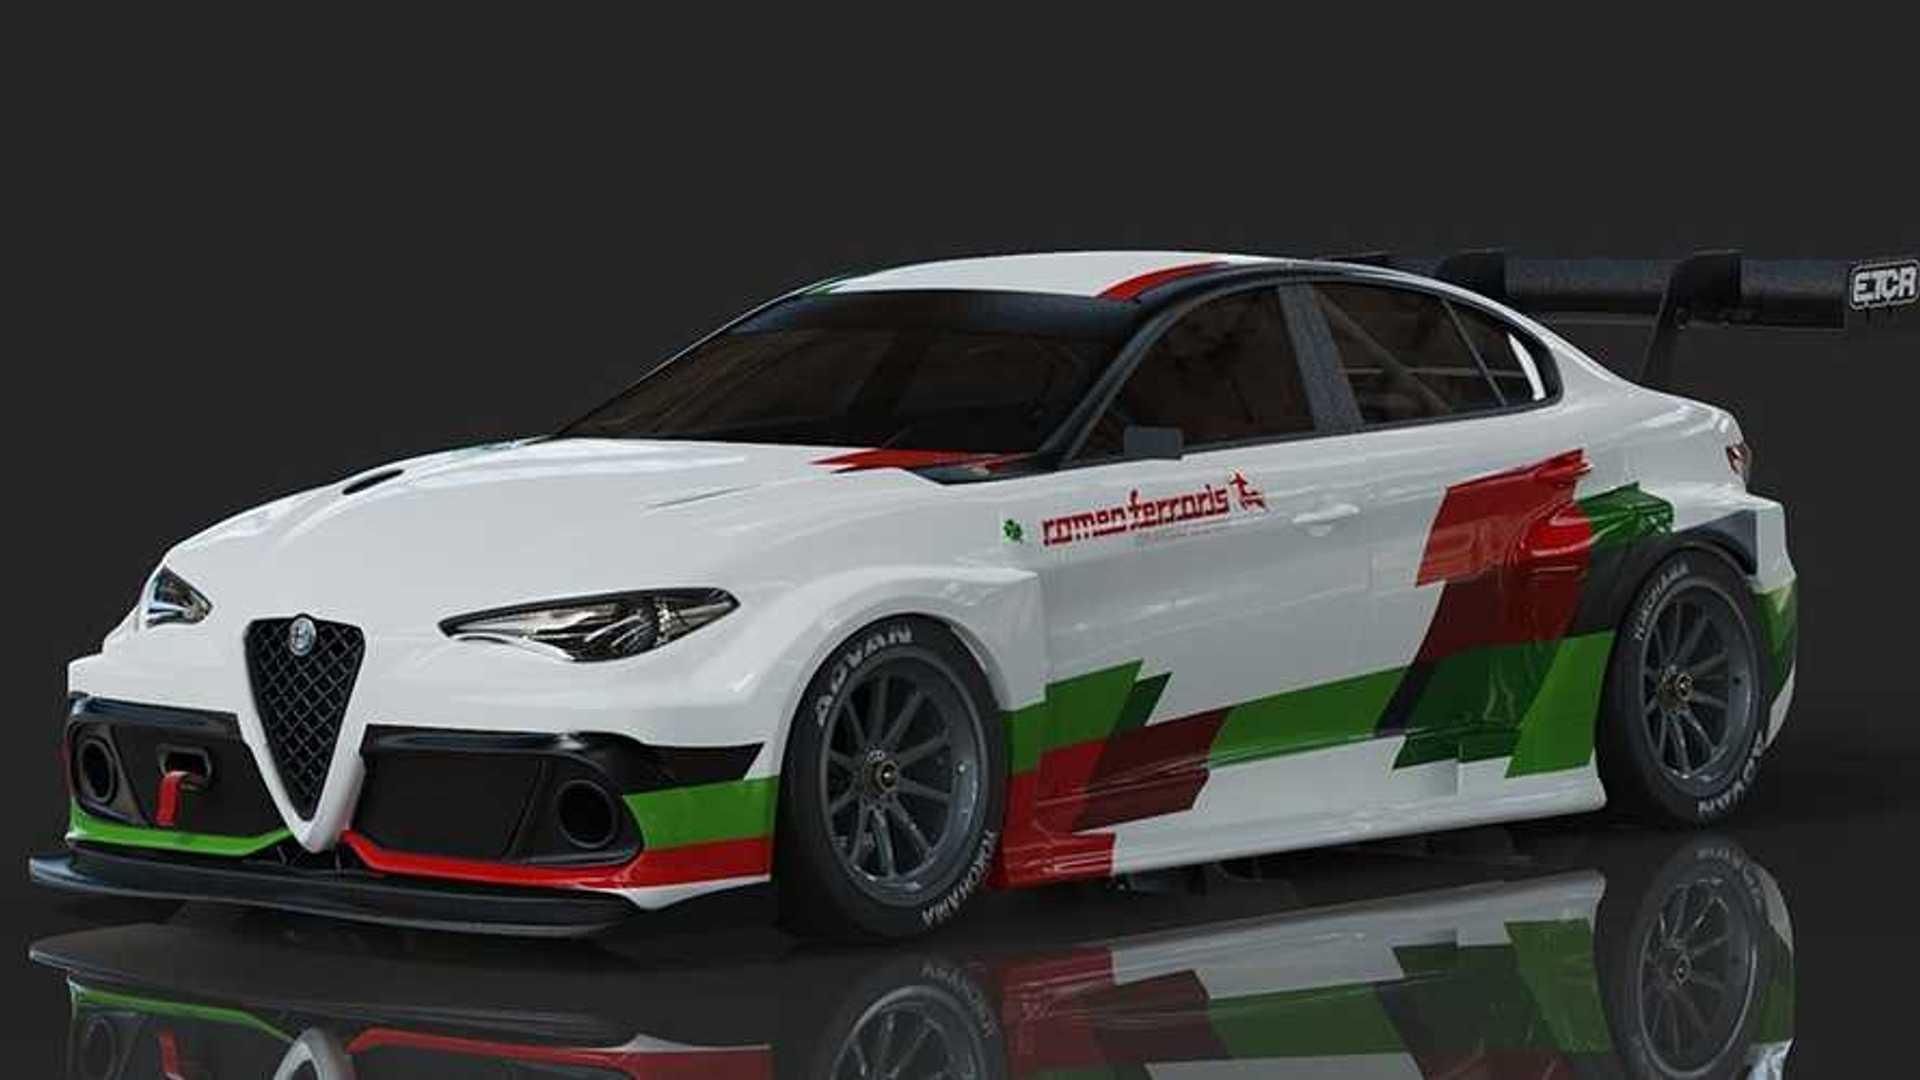 Electric Alfa Romeo Giulia debuts ahead of going racing in 2020